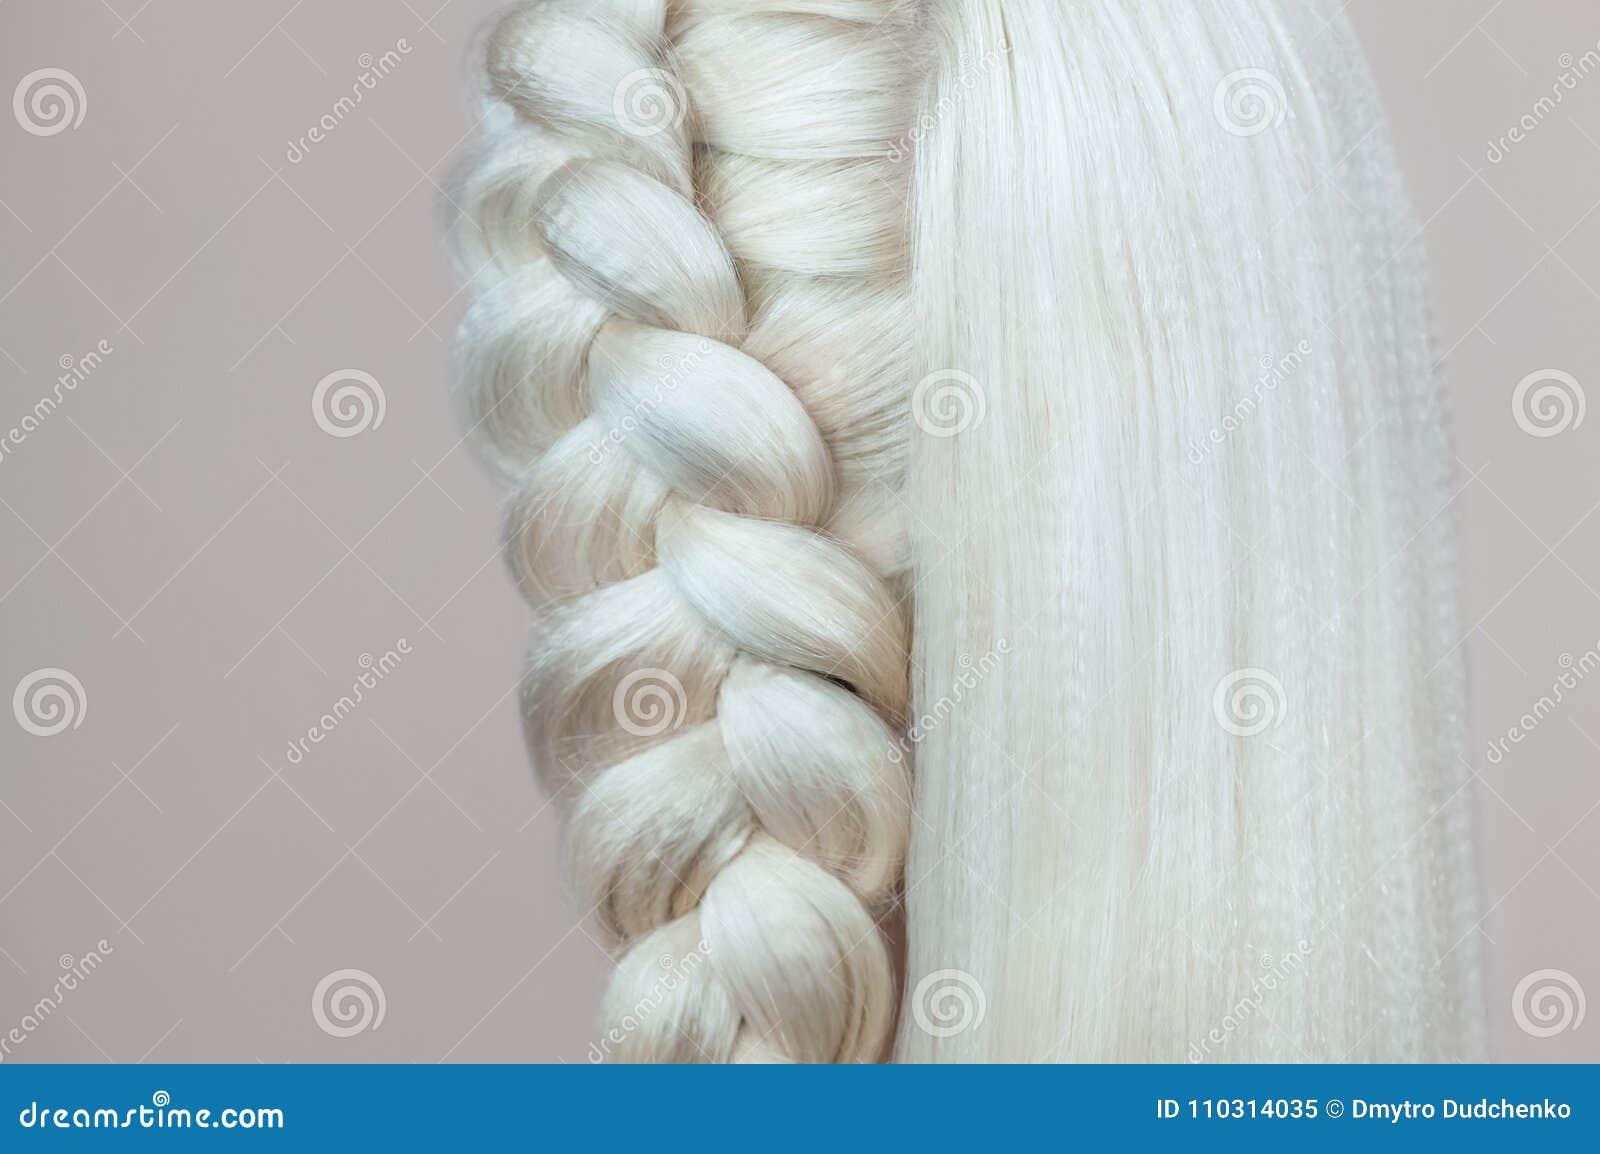 La bella ragazza con capelli biondi, parrucchiere tesse un primo piano della treccia, in un salone di bellezza